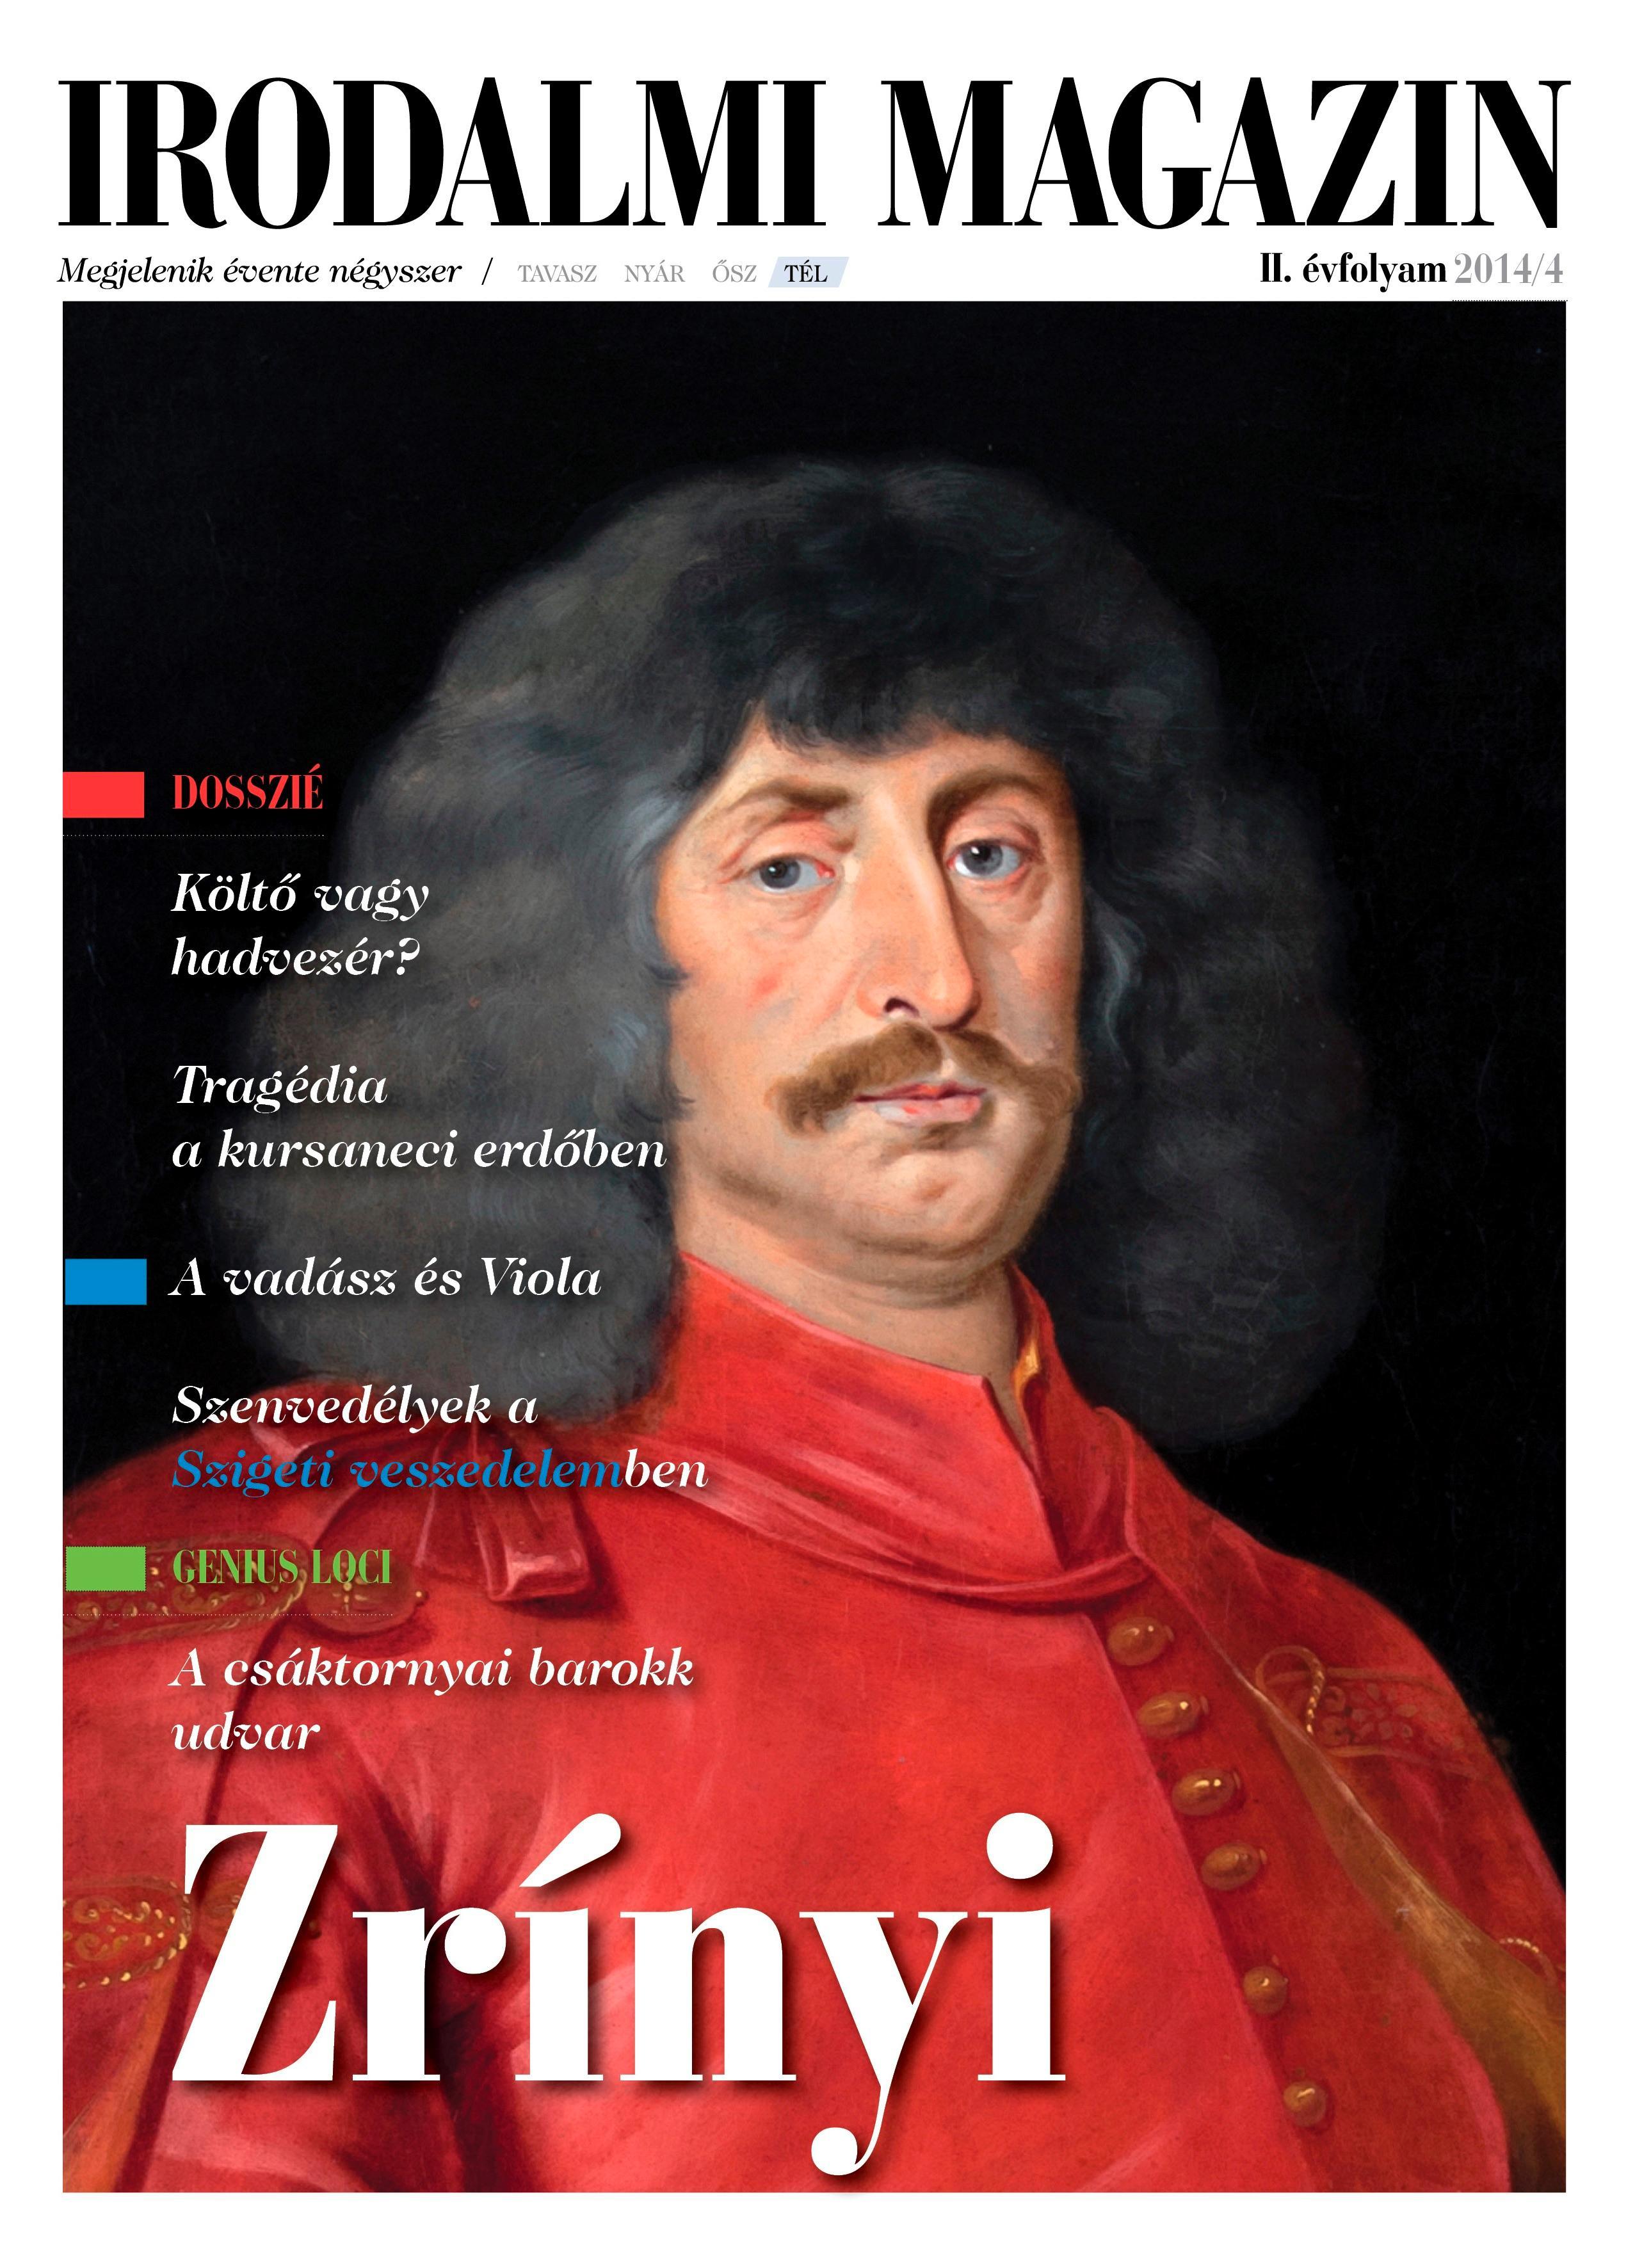 IRODALMI MAGAZIN - II. ÉVF. 2014/4 (ZRÍNYI)